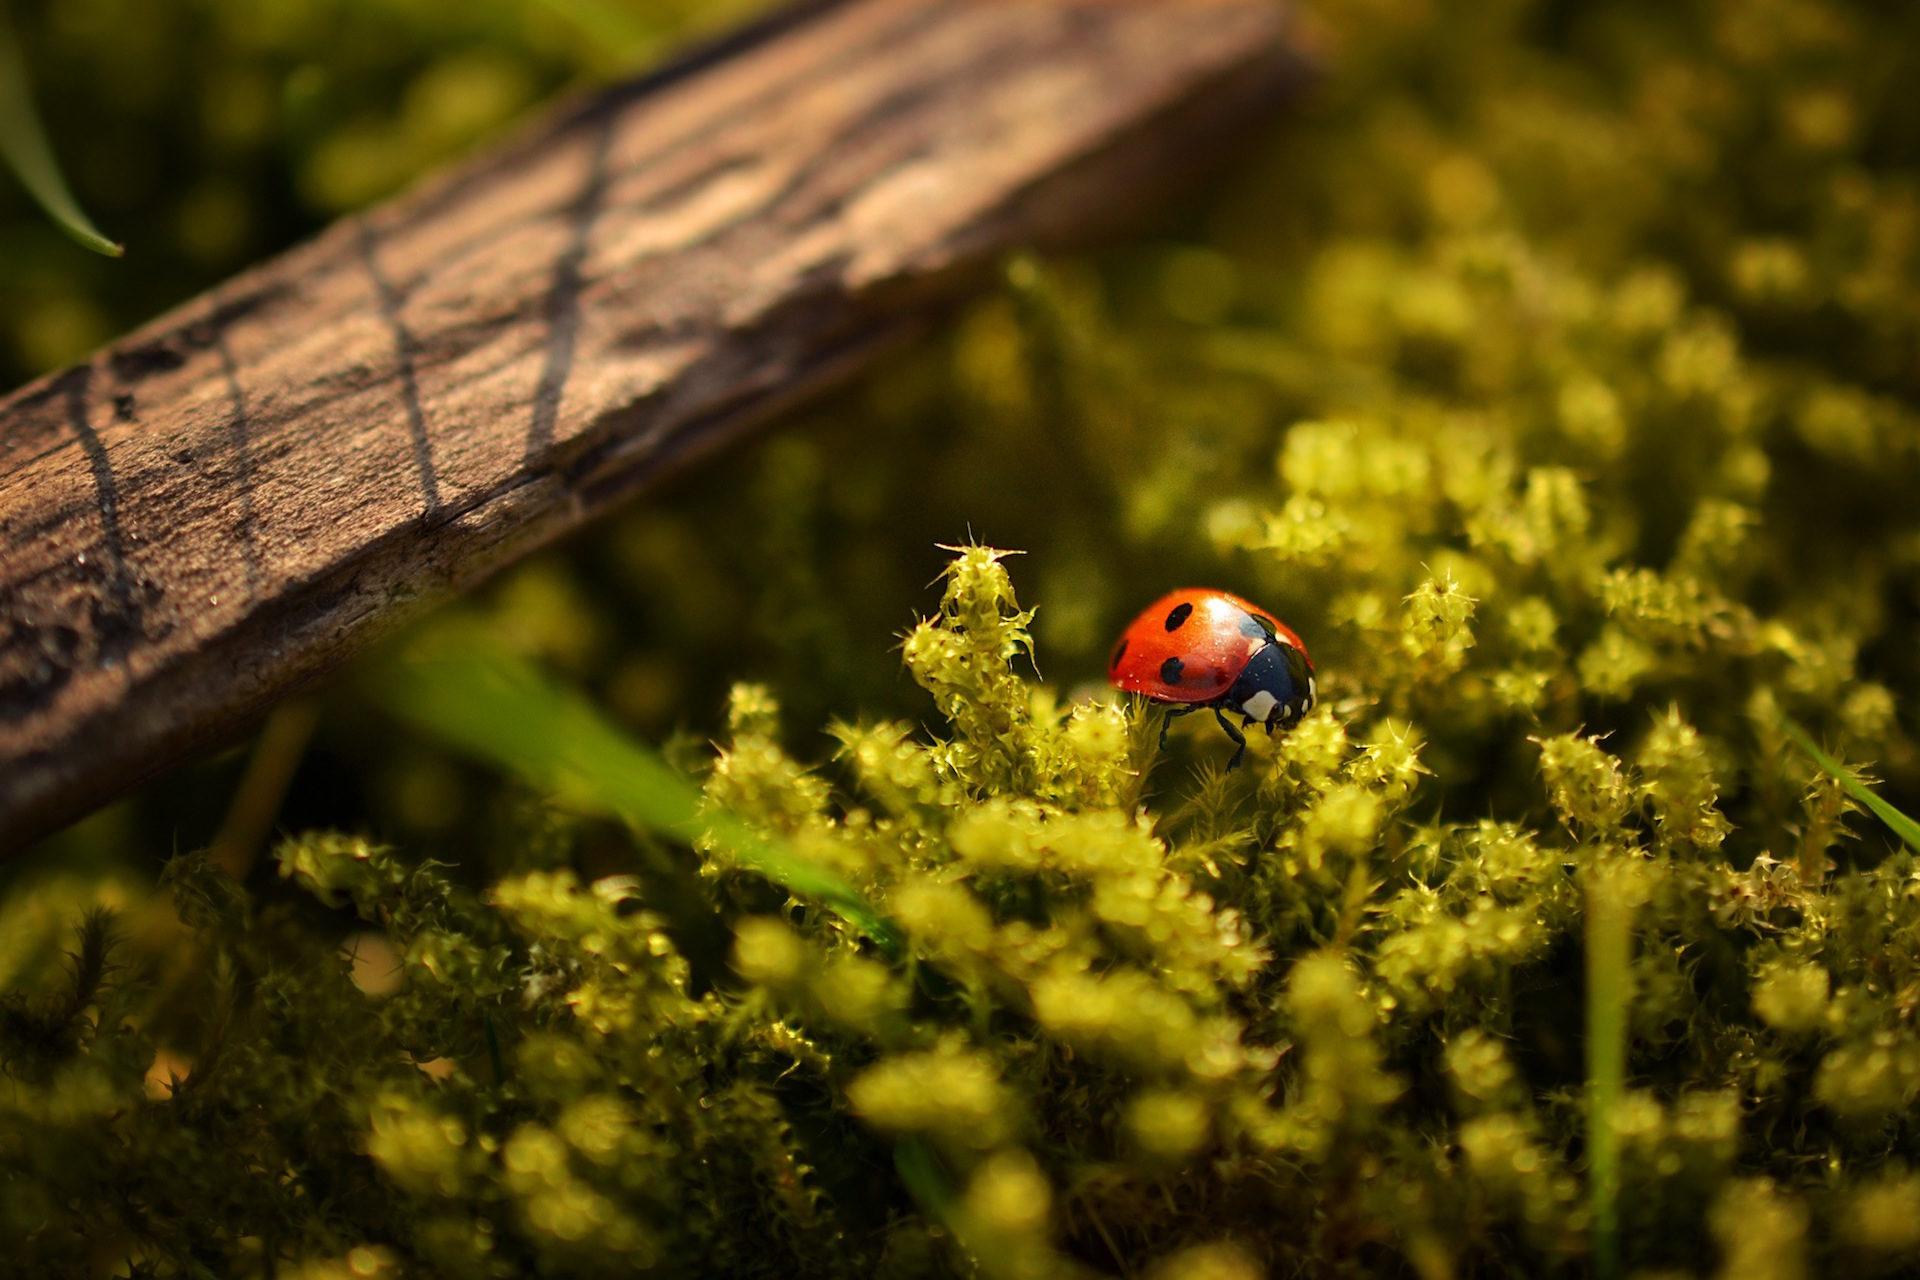 insecte, Coccinelle, domaine, plantes, survie - Fonds d'écran HD - Professor-falken.com